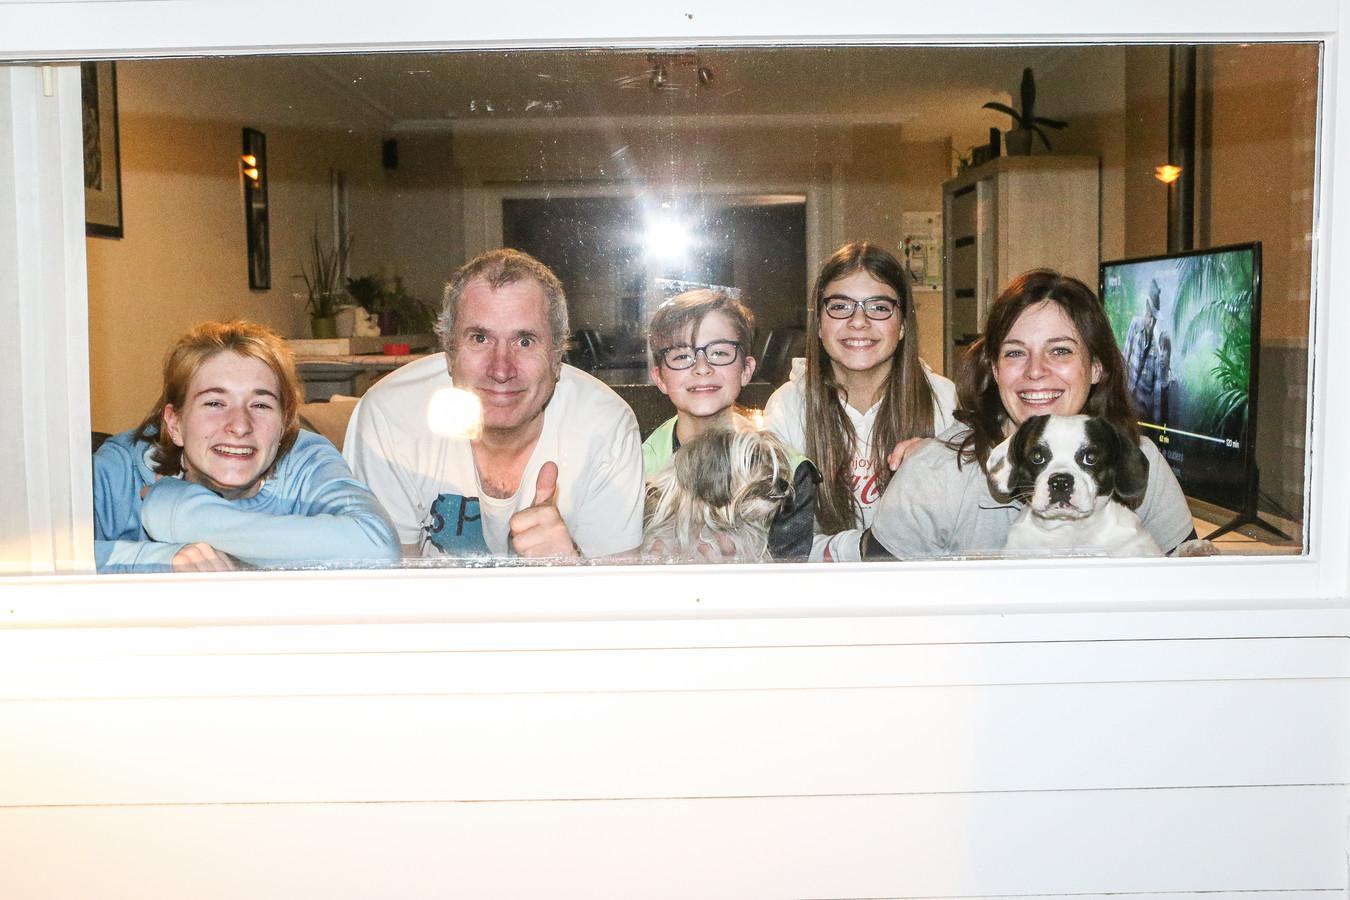 La famille De Prest de Roelers (Flandre-Occidentale) en quarantaine.